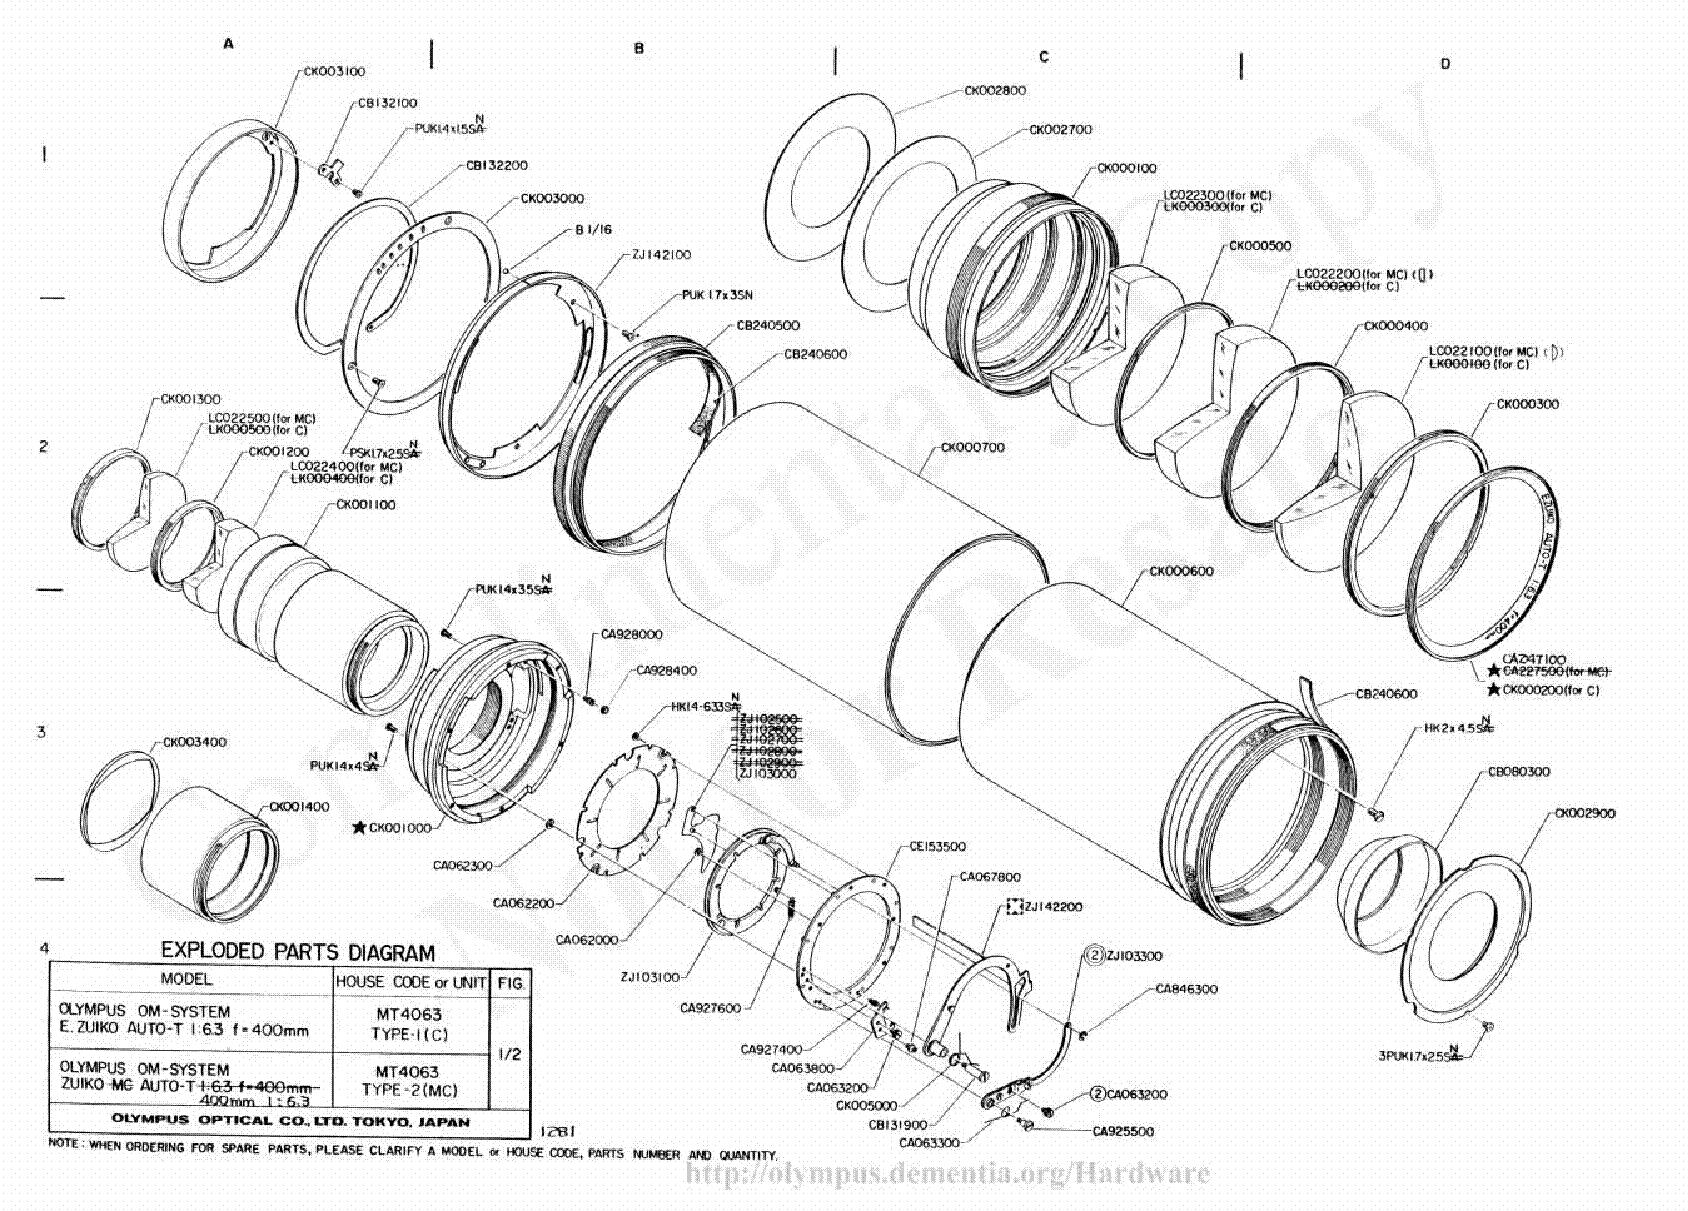 Olympus Spare Parts